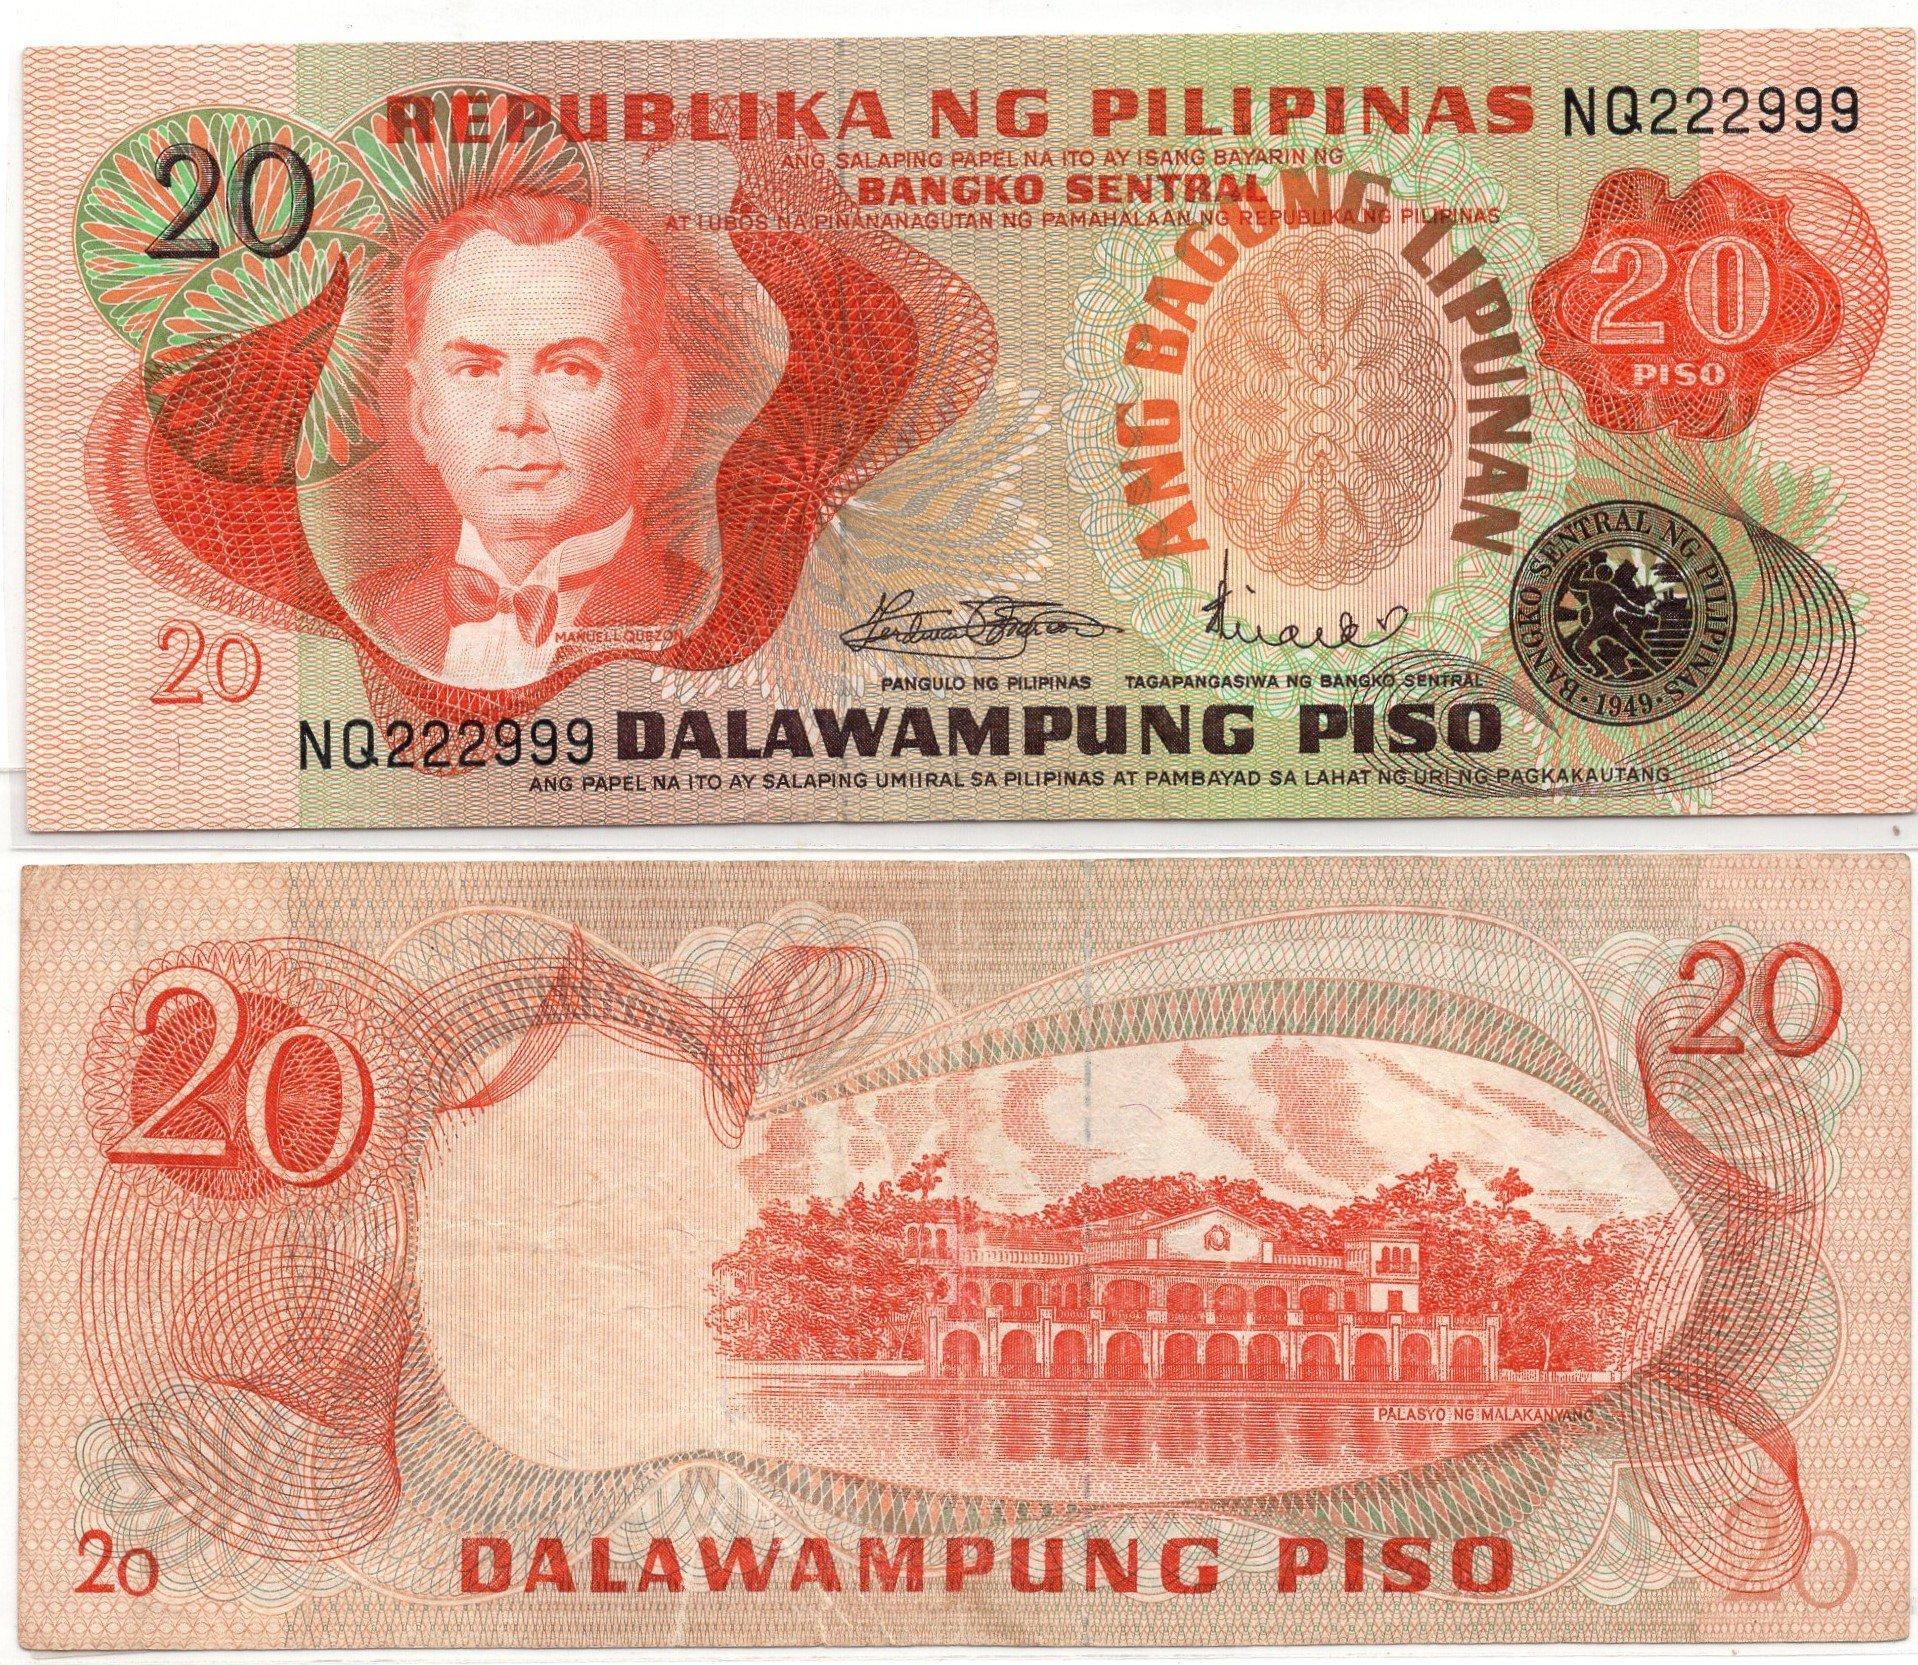 Philipines 10 pesos P162